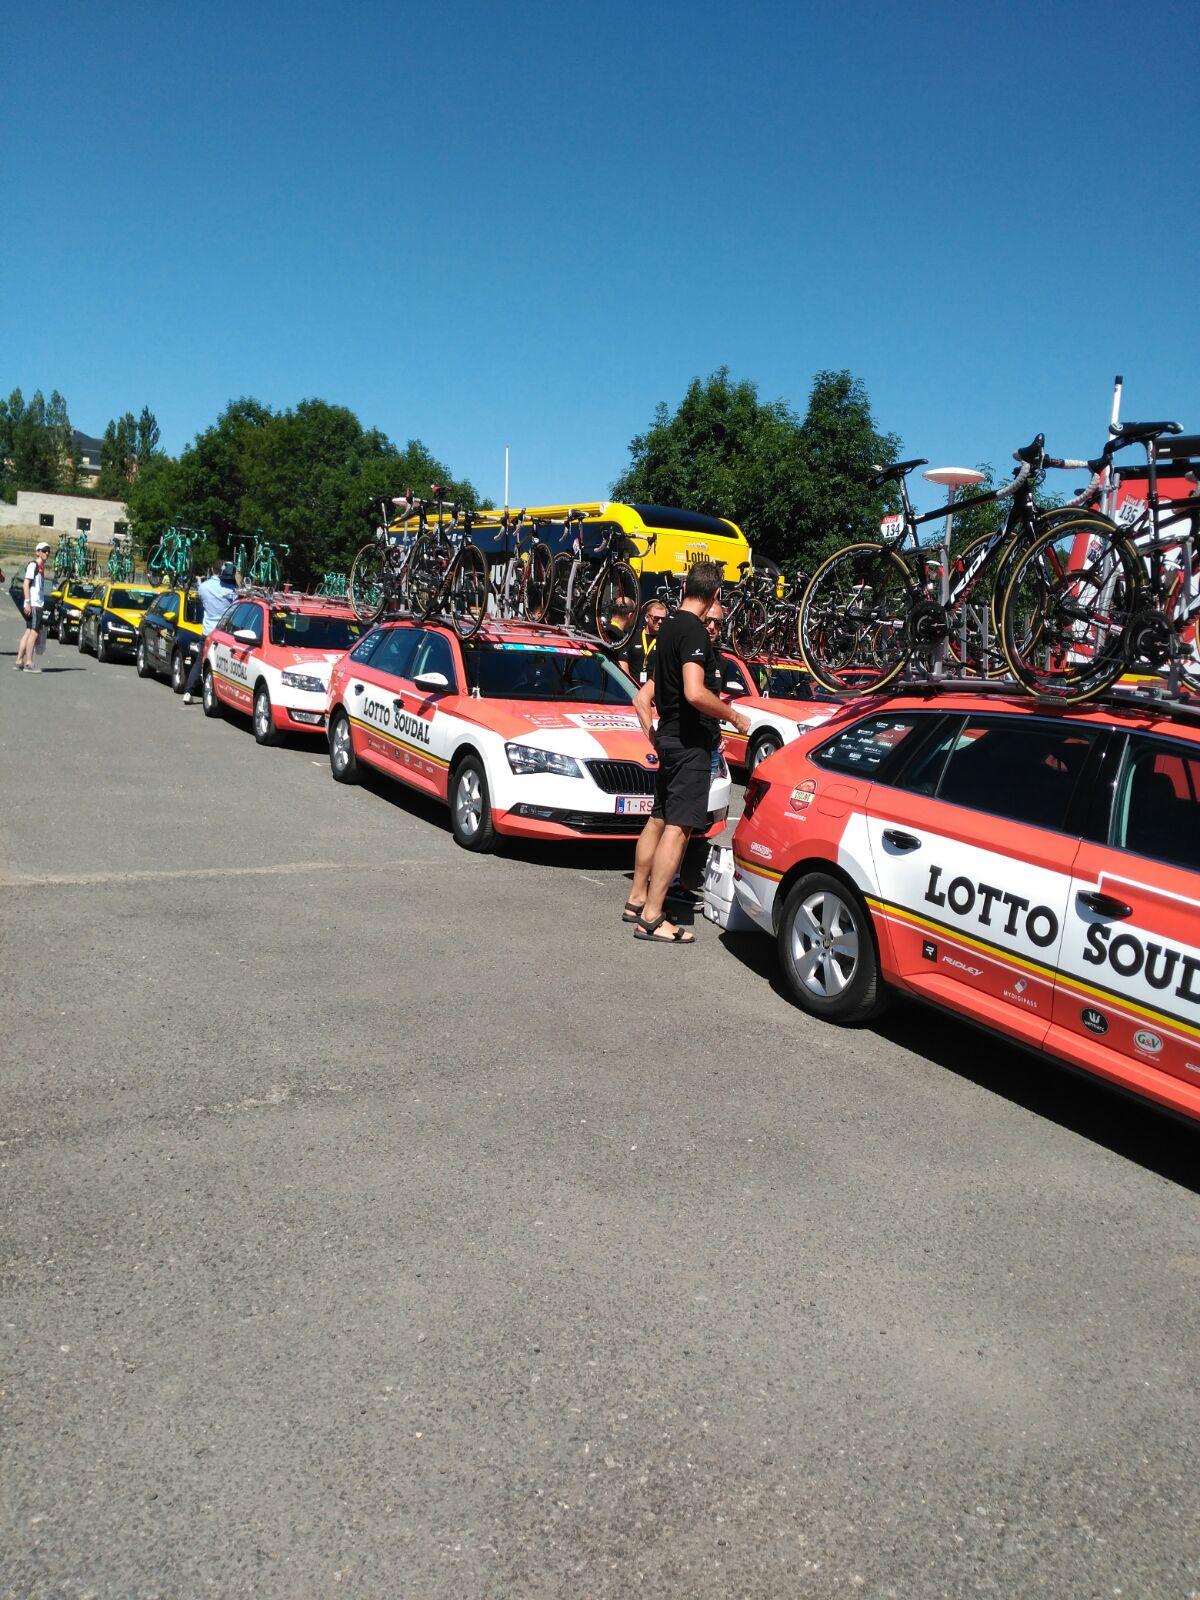 Tour_BM_Bicicletas Mañas tienda de venta y reparacion de bicicletas en Leganes_Ridley Madrid (26)